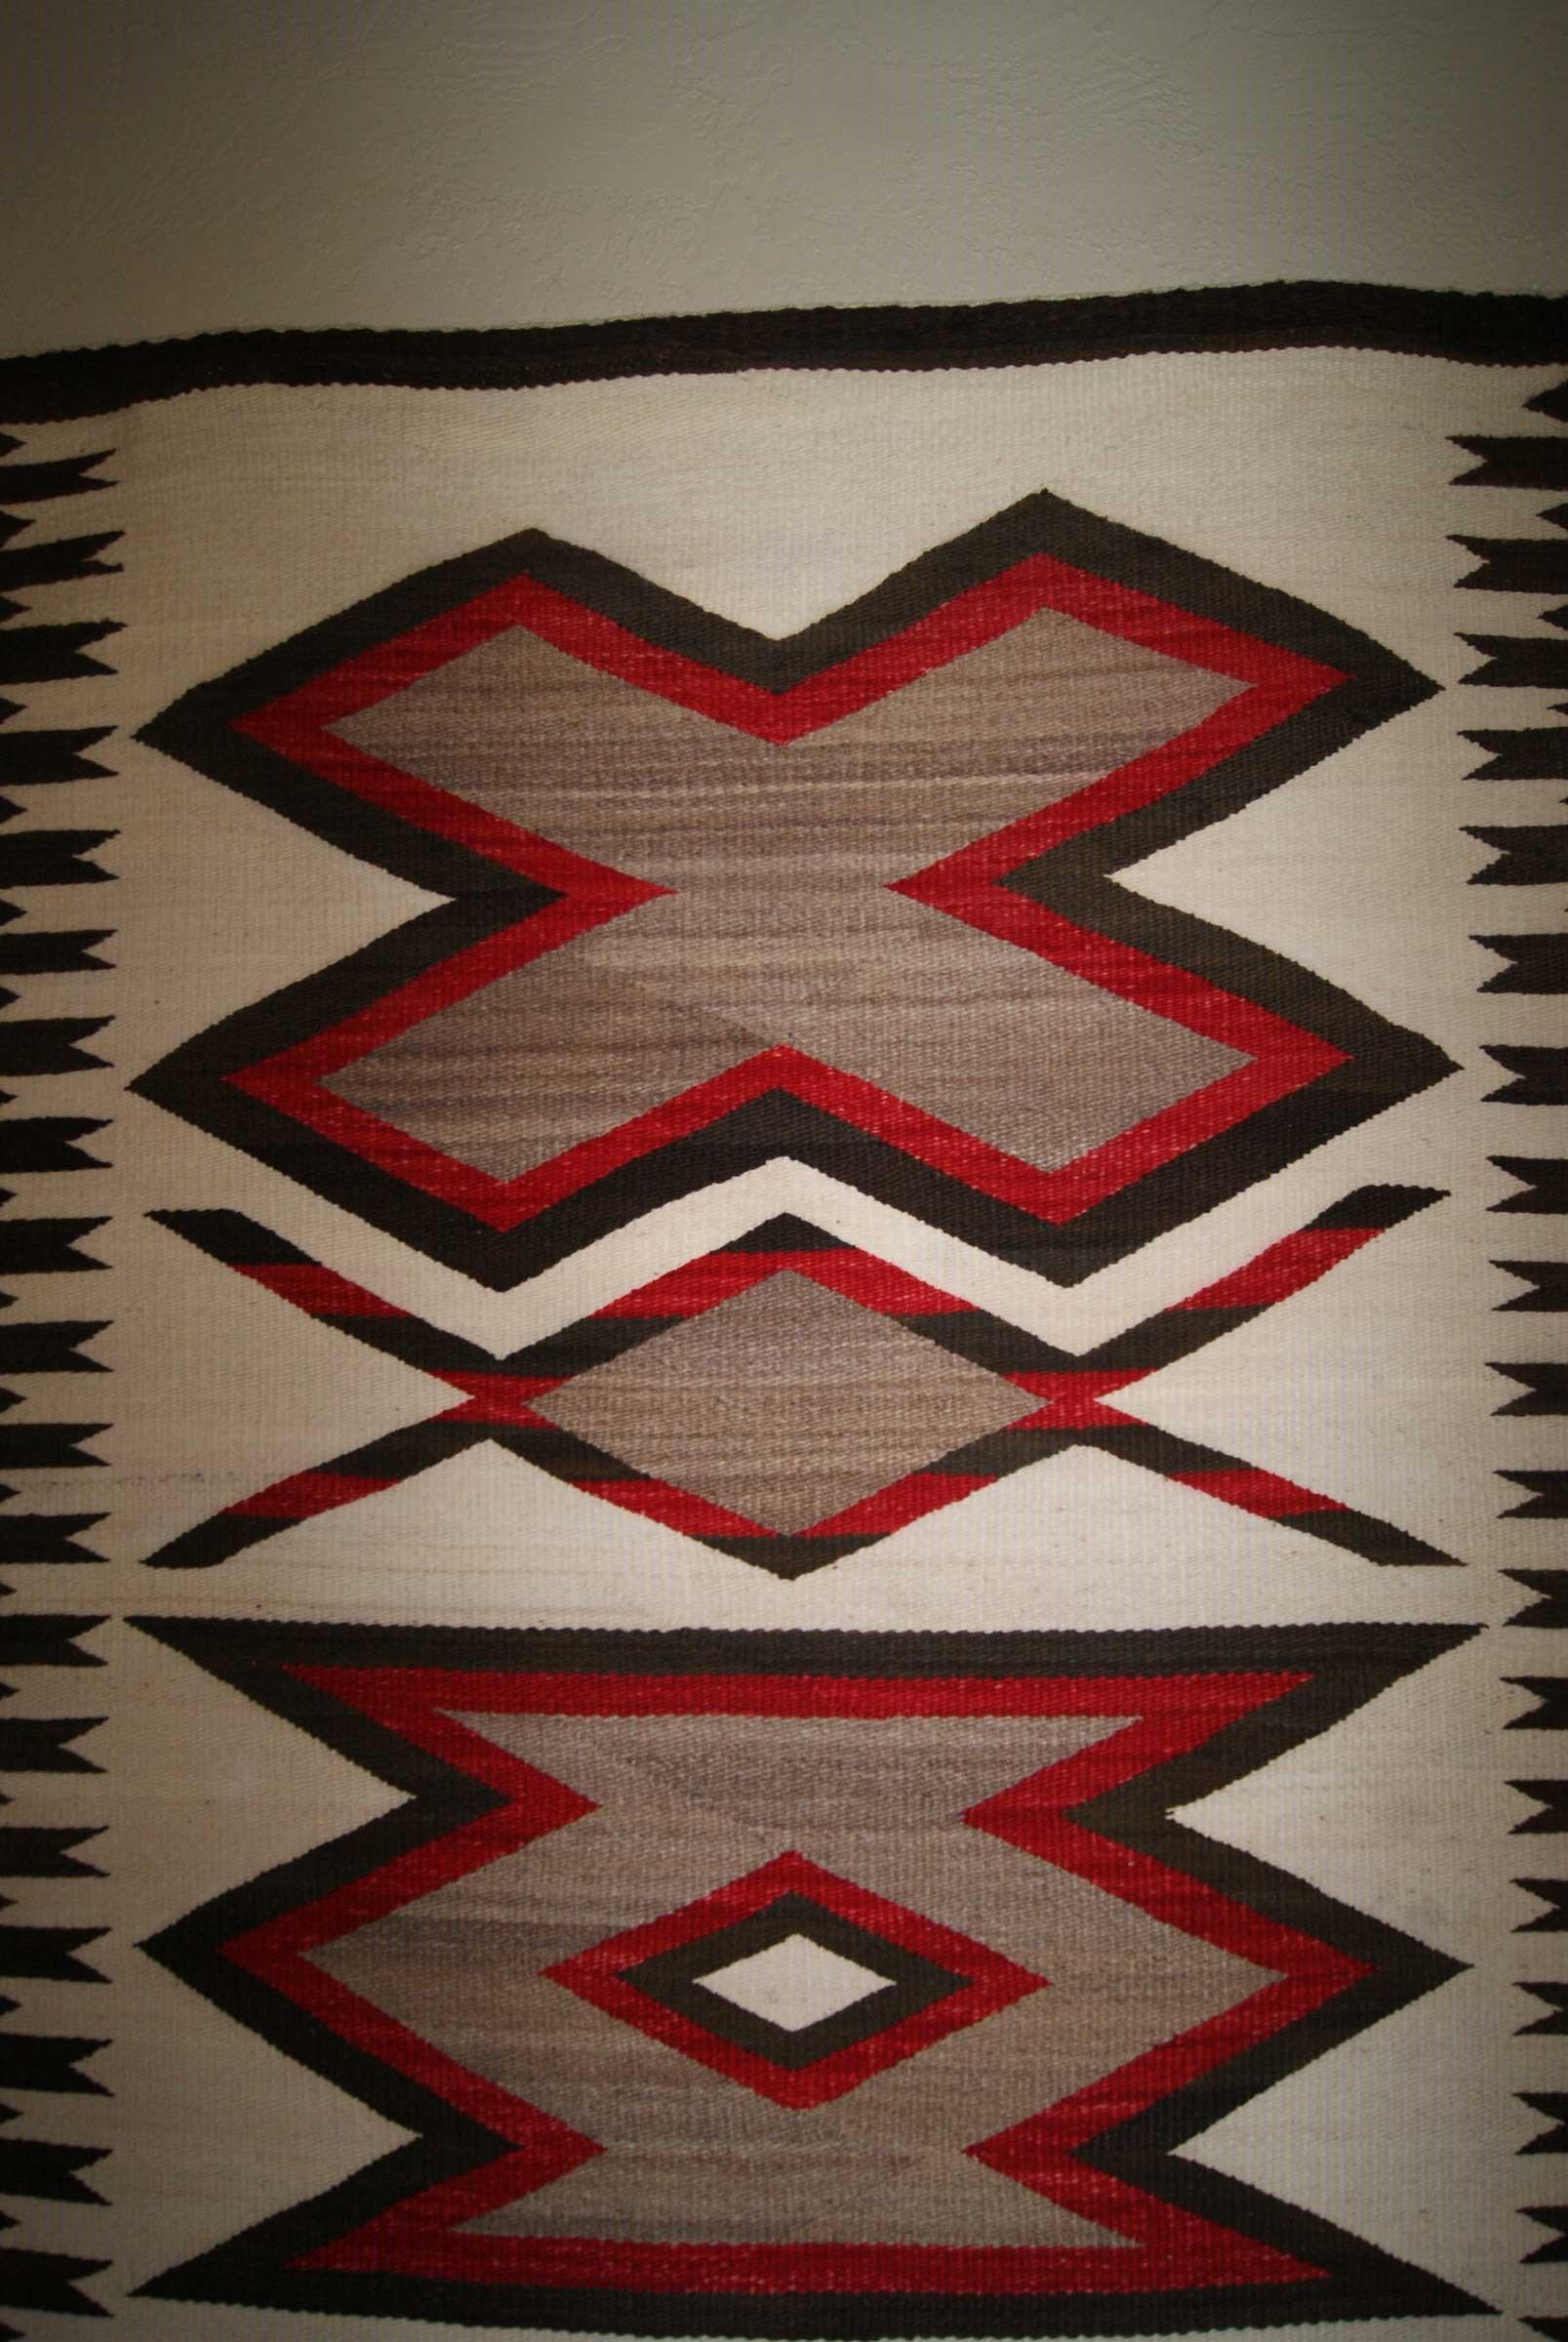 Jb Moore Crystal Trading Post Navajo Runner Rug